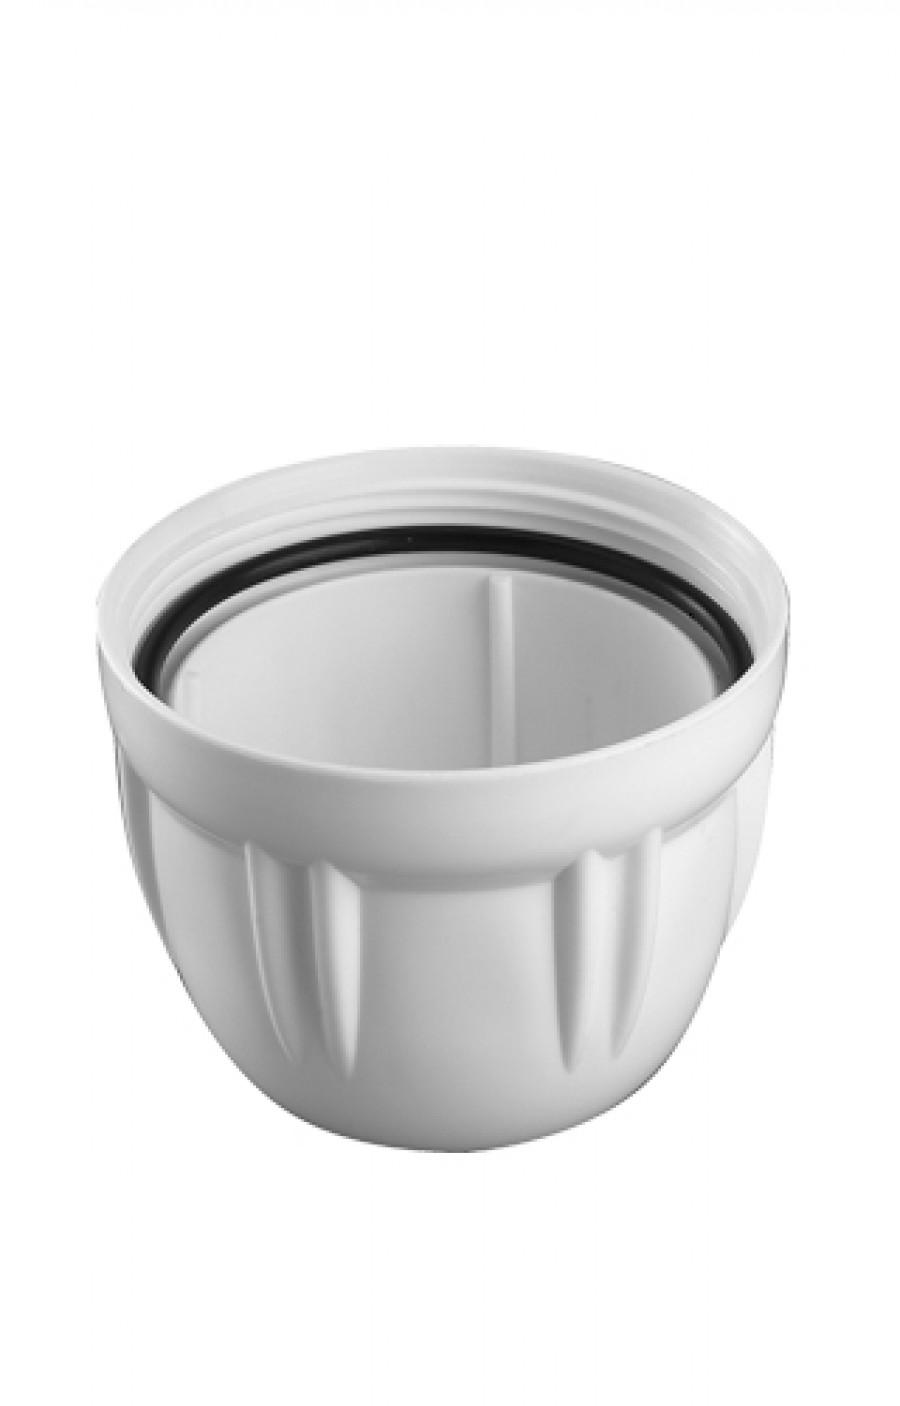 Siphon lavabo pvc 6107 joint int gr meuble de salle de bain douche baignoire - Joint syphon evier cuisine ...